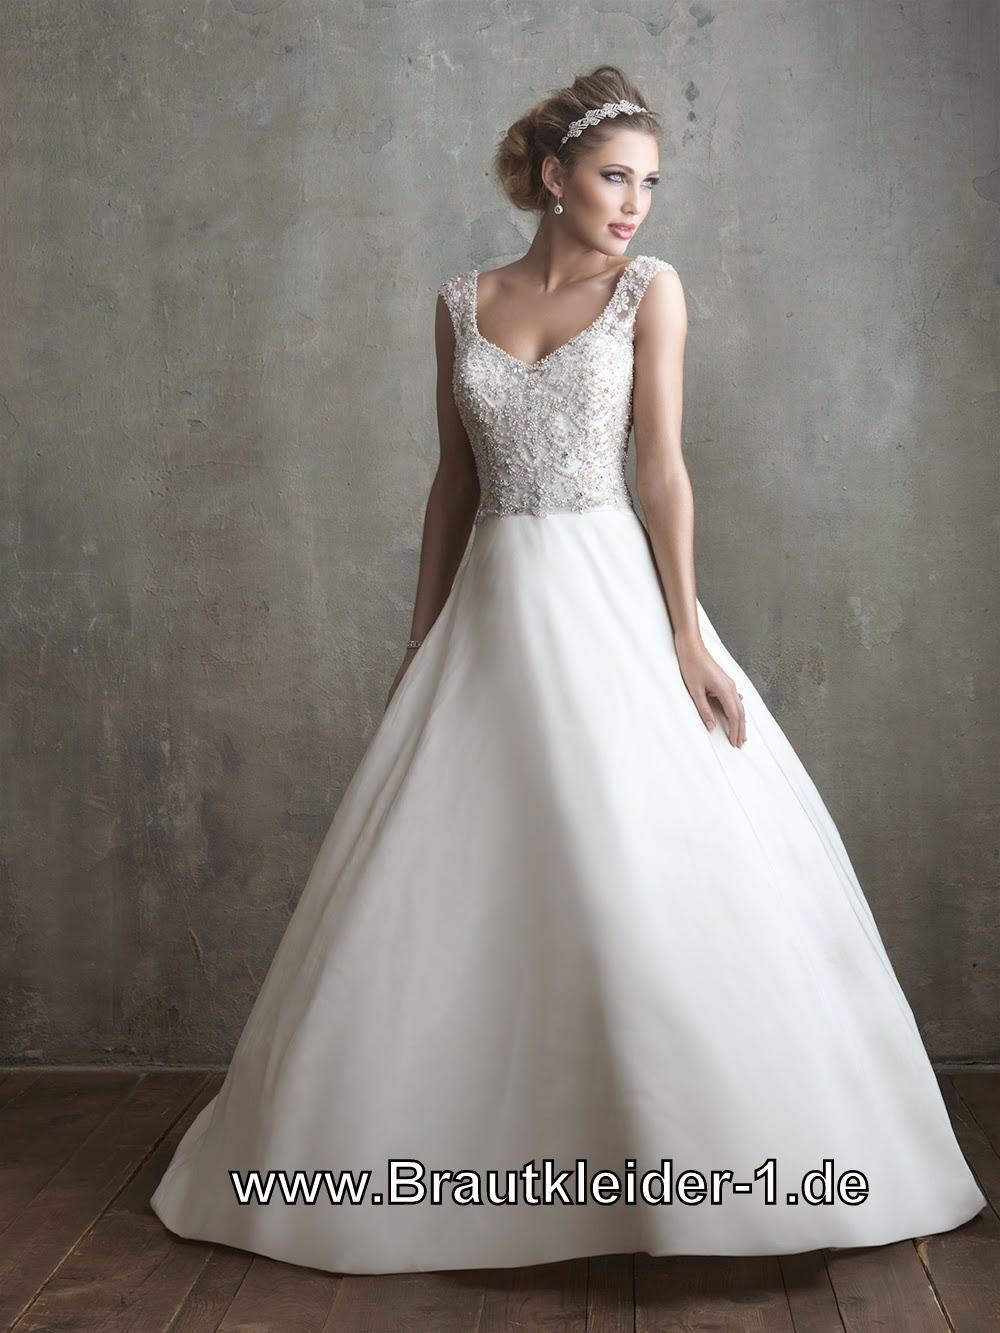 Brautkleider mit Schle...